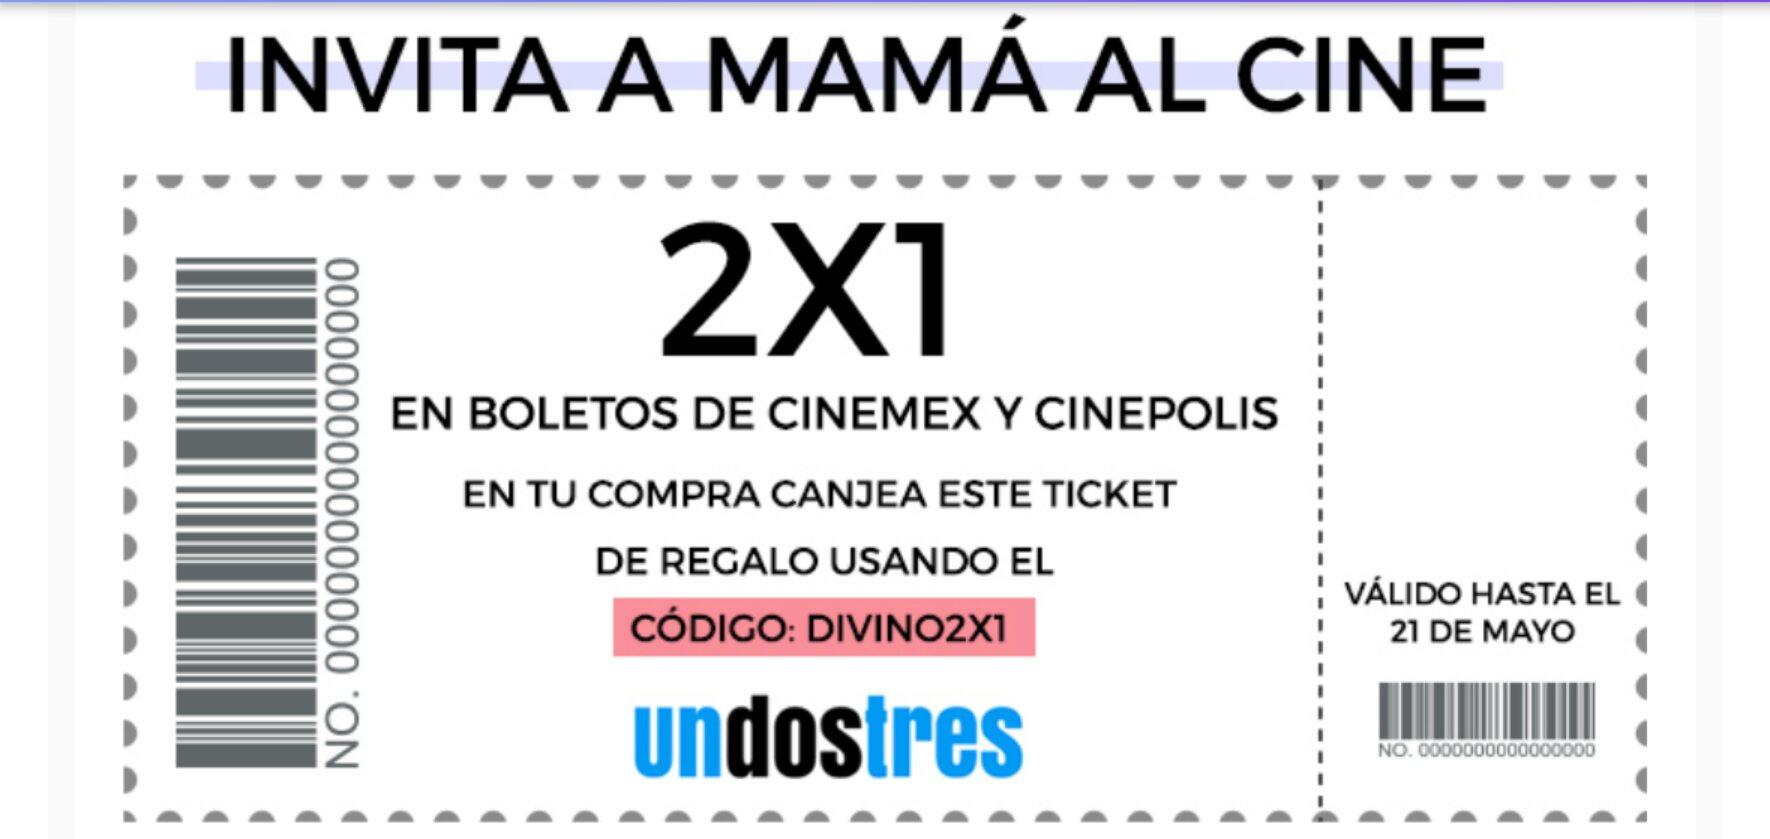 Undostres: Haz una recarga a tu celular y gana un 2×1 en boletos para ir al cine. Aplica únicamente para Cinepolis y Cinemex.